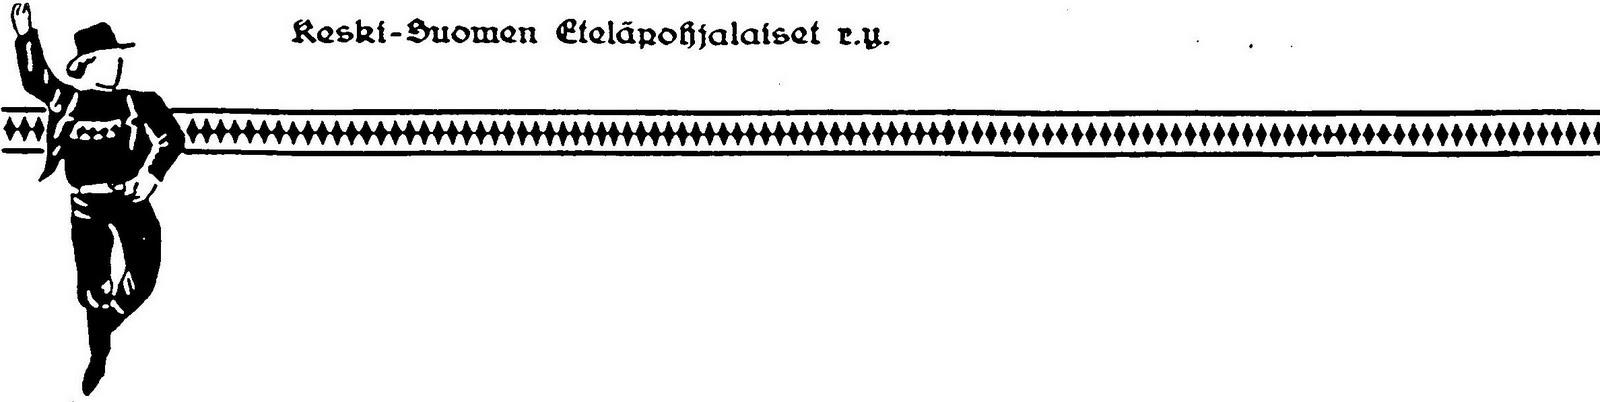 Keski-Suomen Eteläpohjalaiset ry